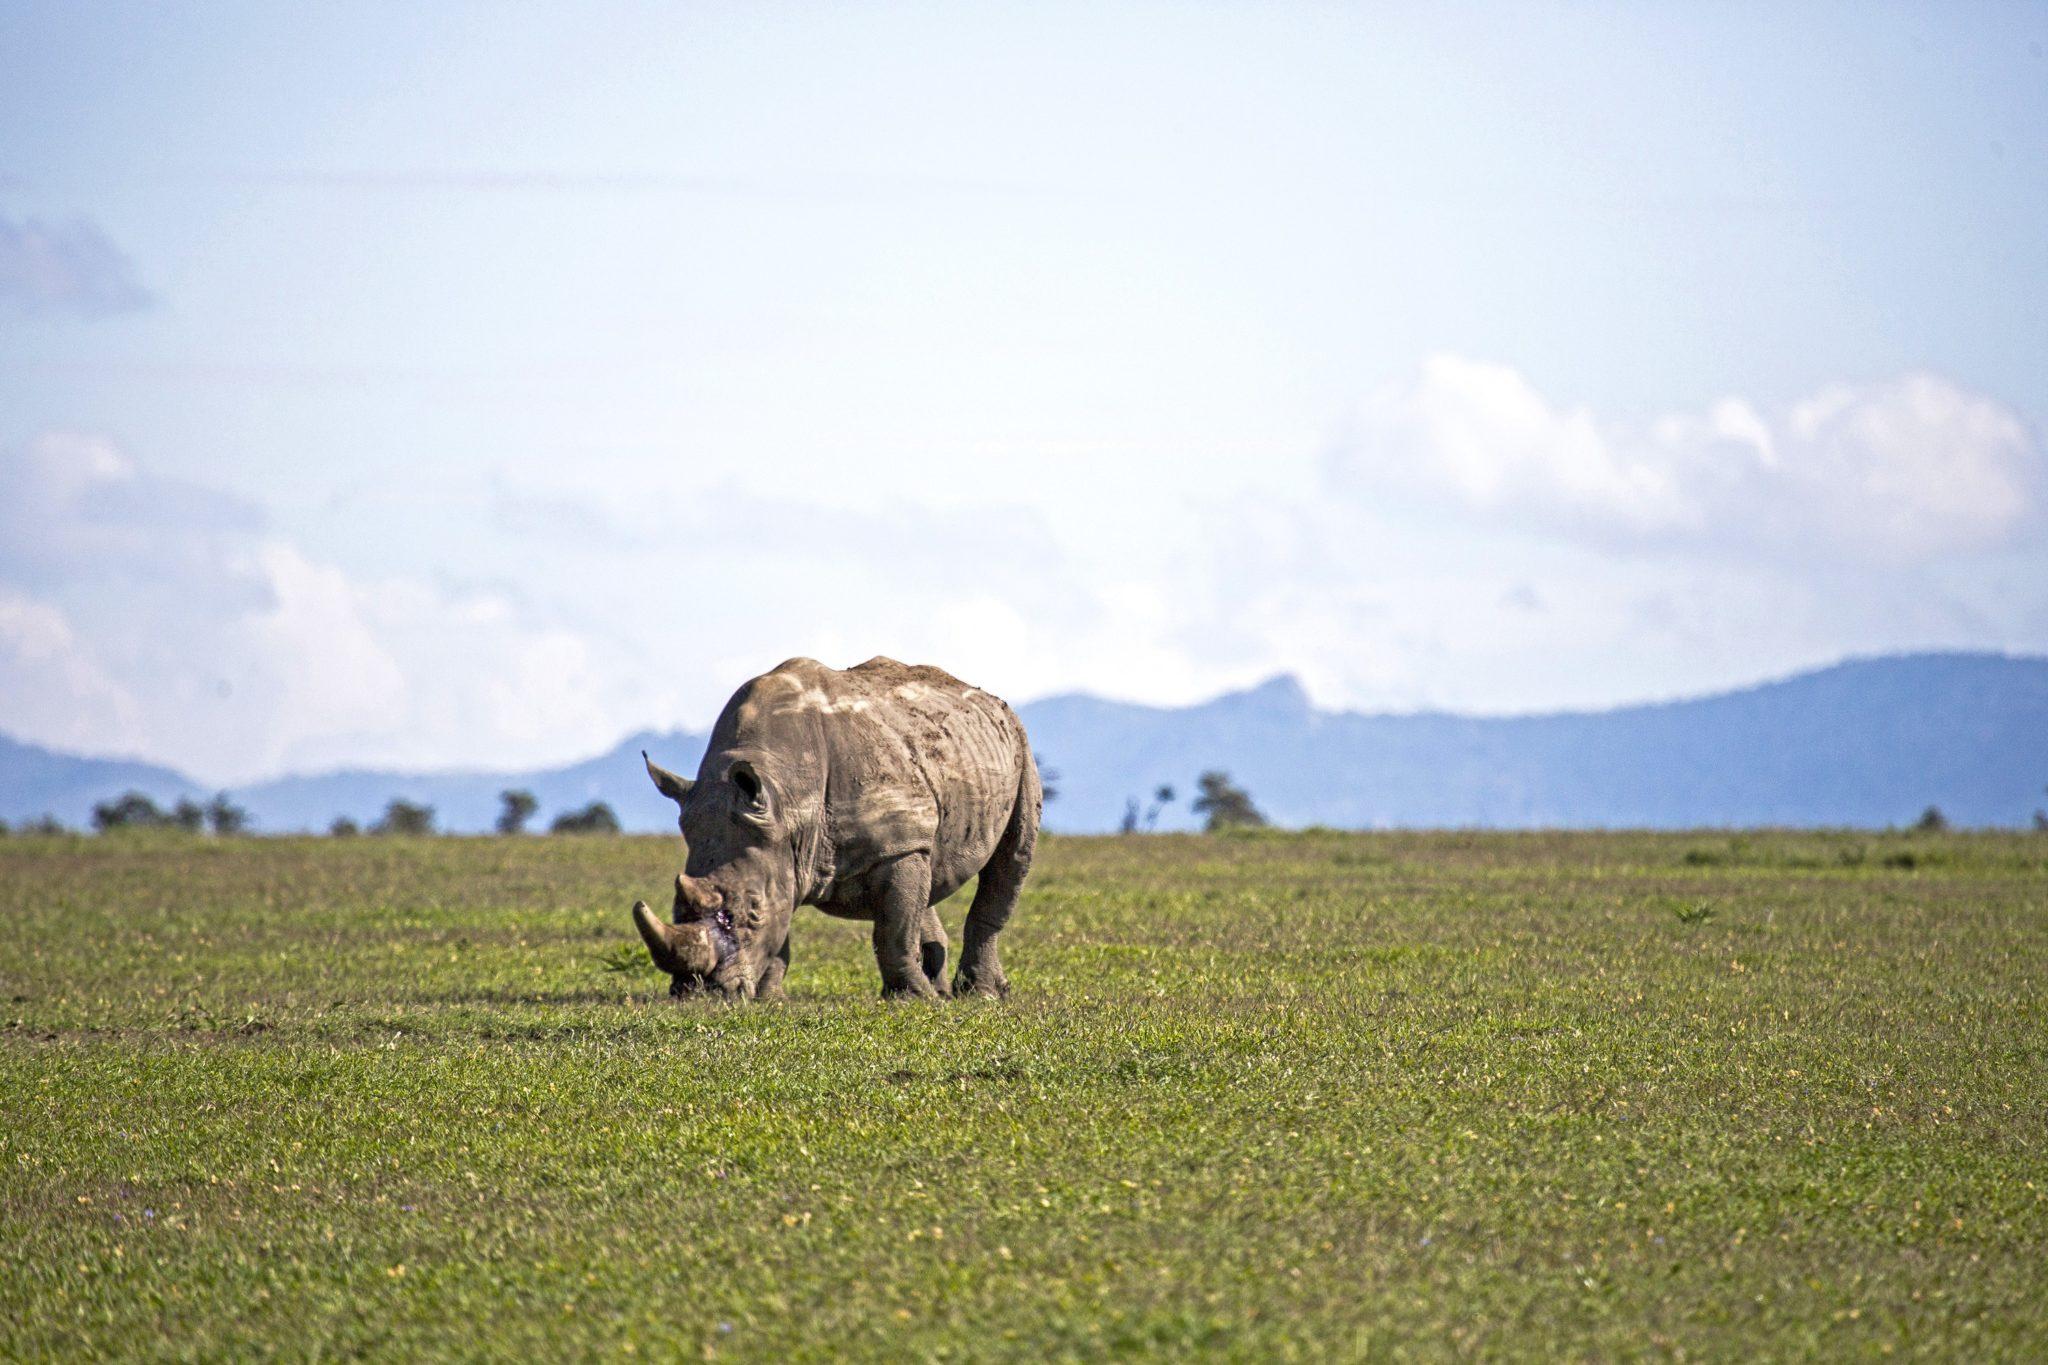 Breitmaulnashorn beim Gras fressen im Ol-Pejeta-Conservancy